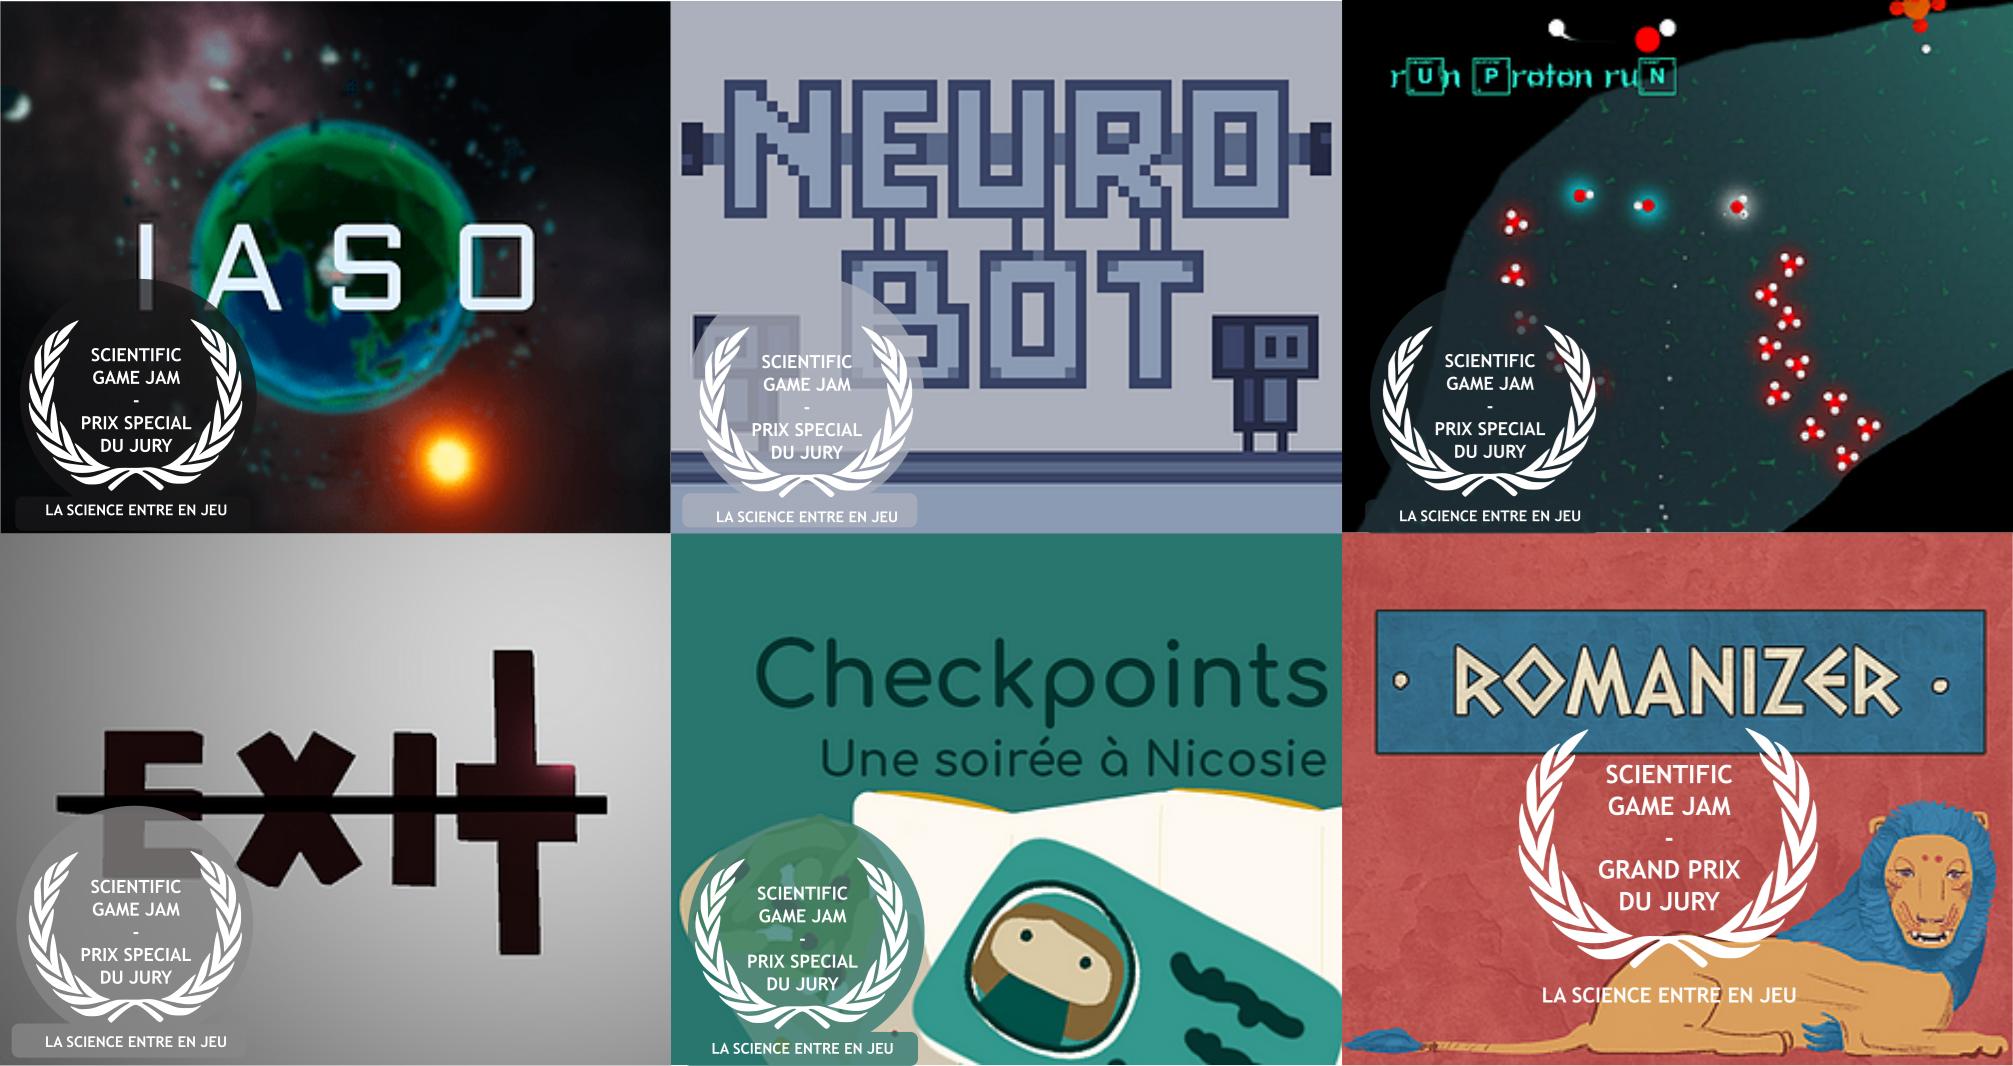 Les gagnants de la Scientific Game Jam 2021